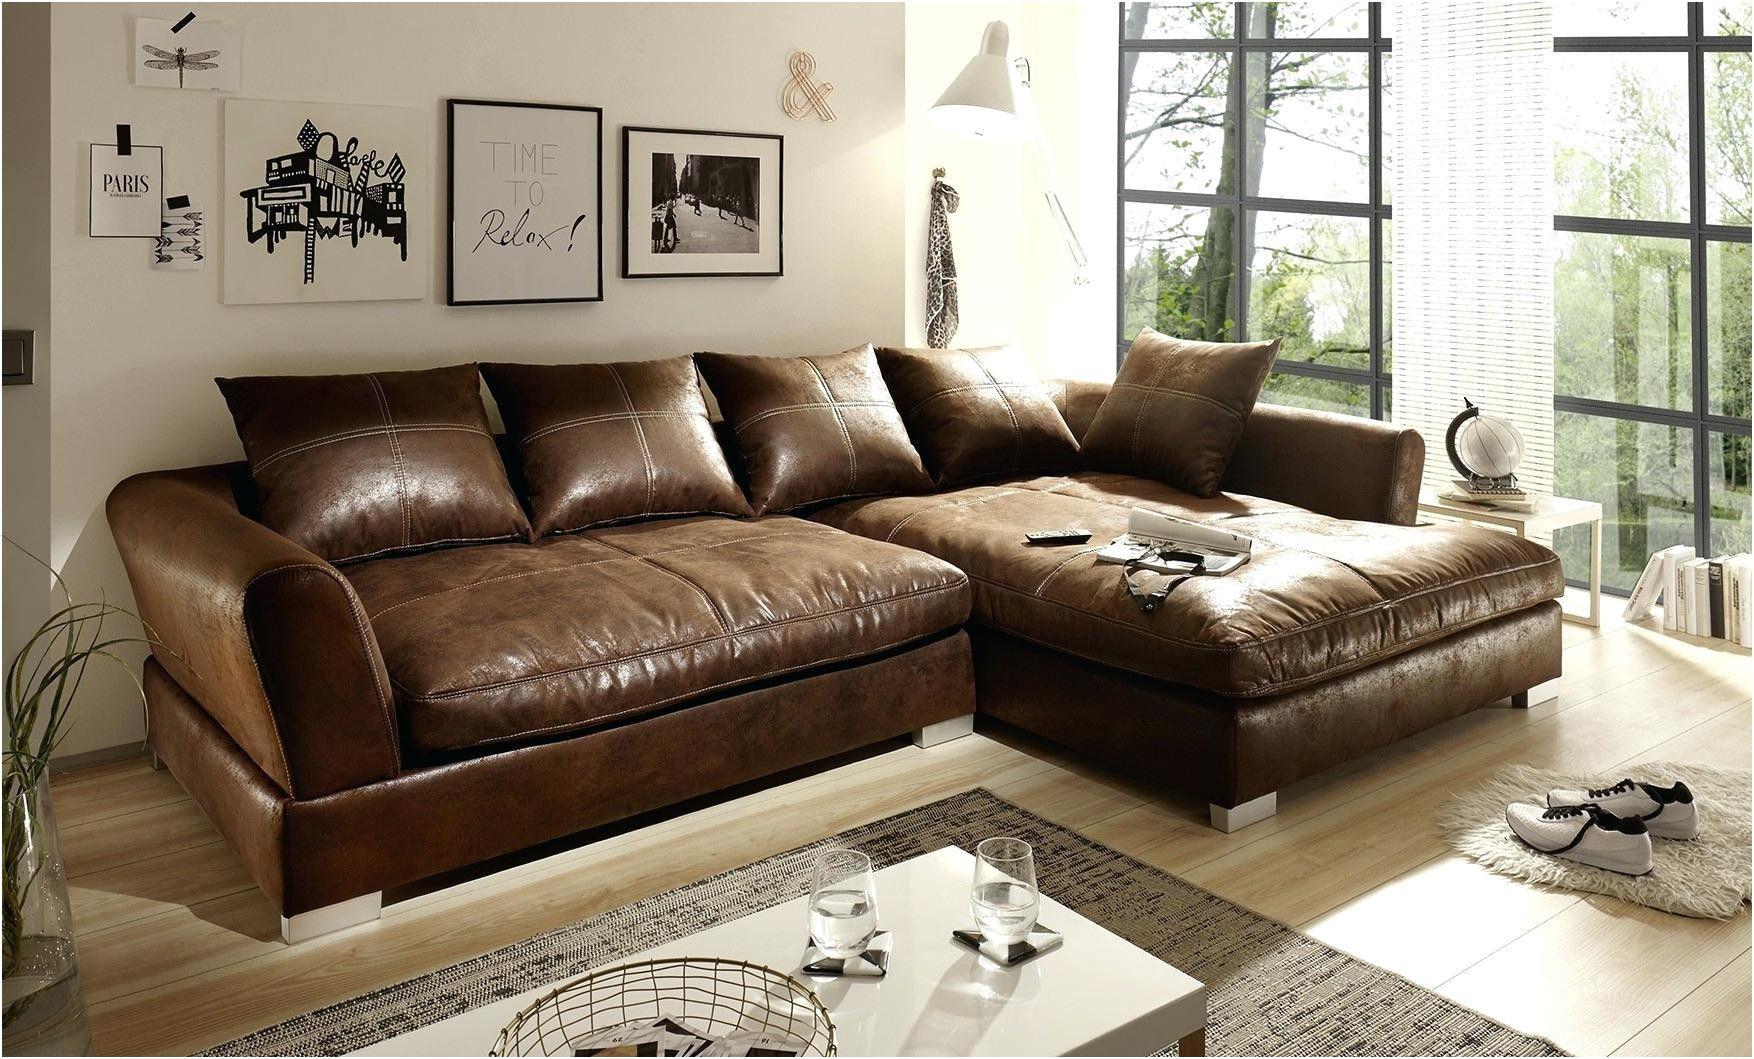 Kreativ Big Sofa Echtleder Oversized Sectional Sofa Vintage Sofa Living Room Leather